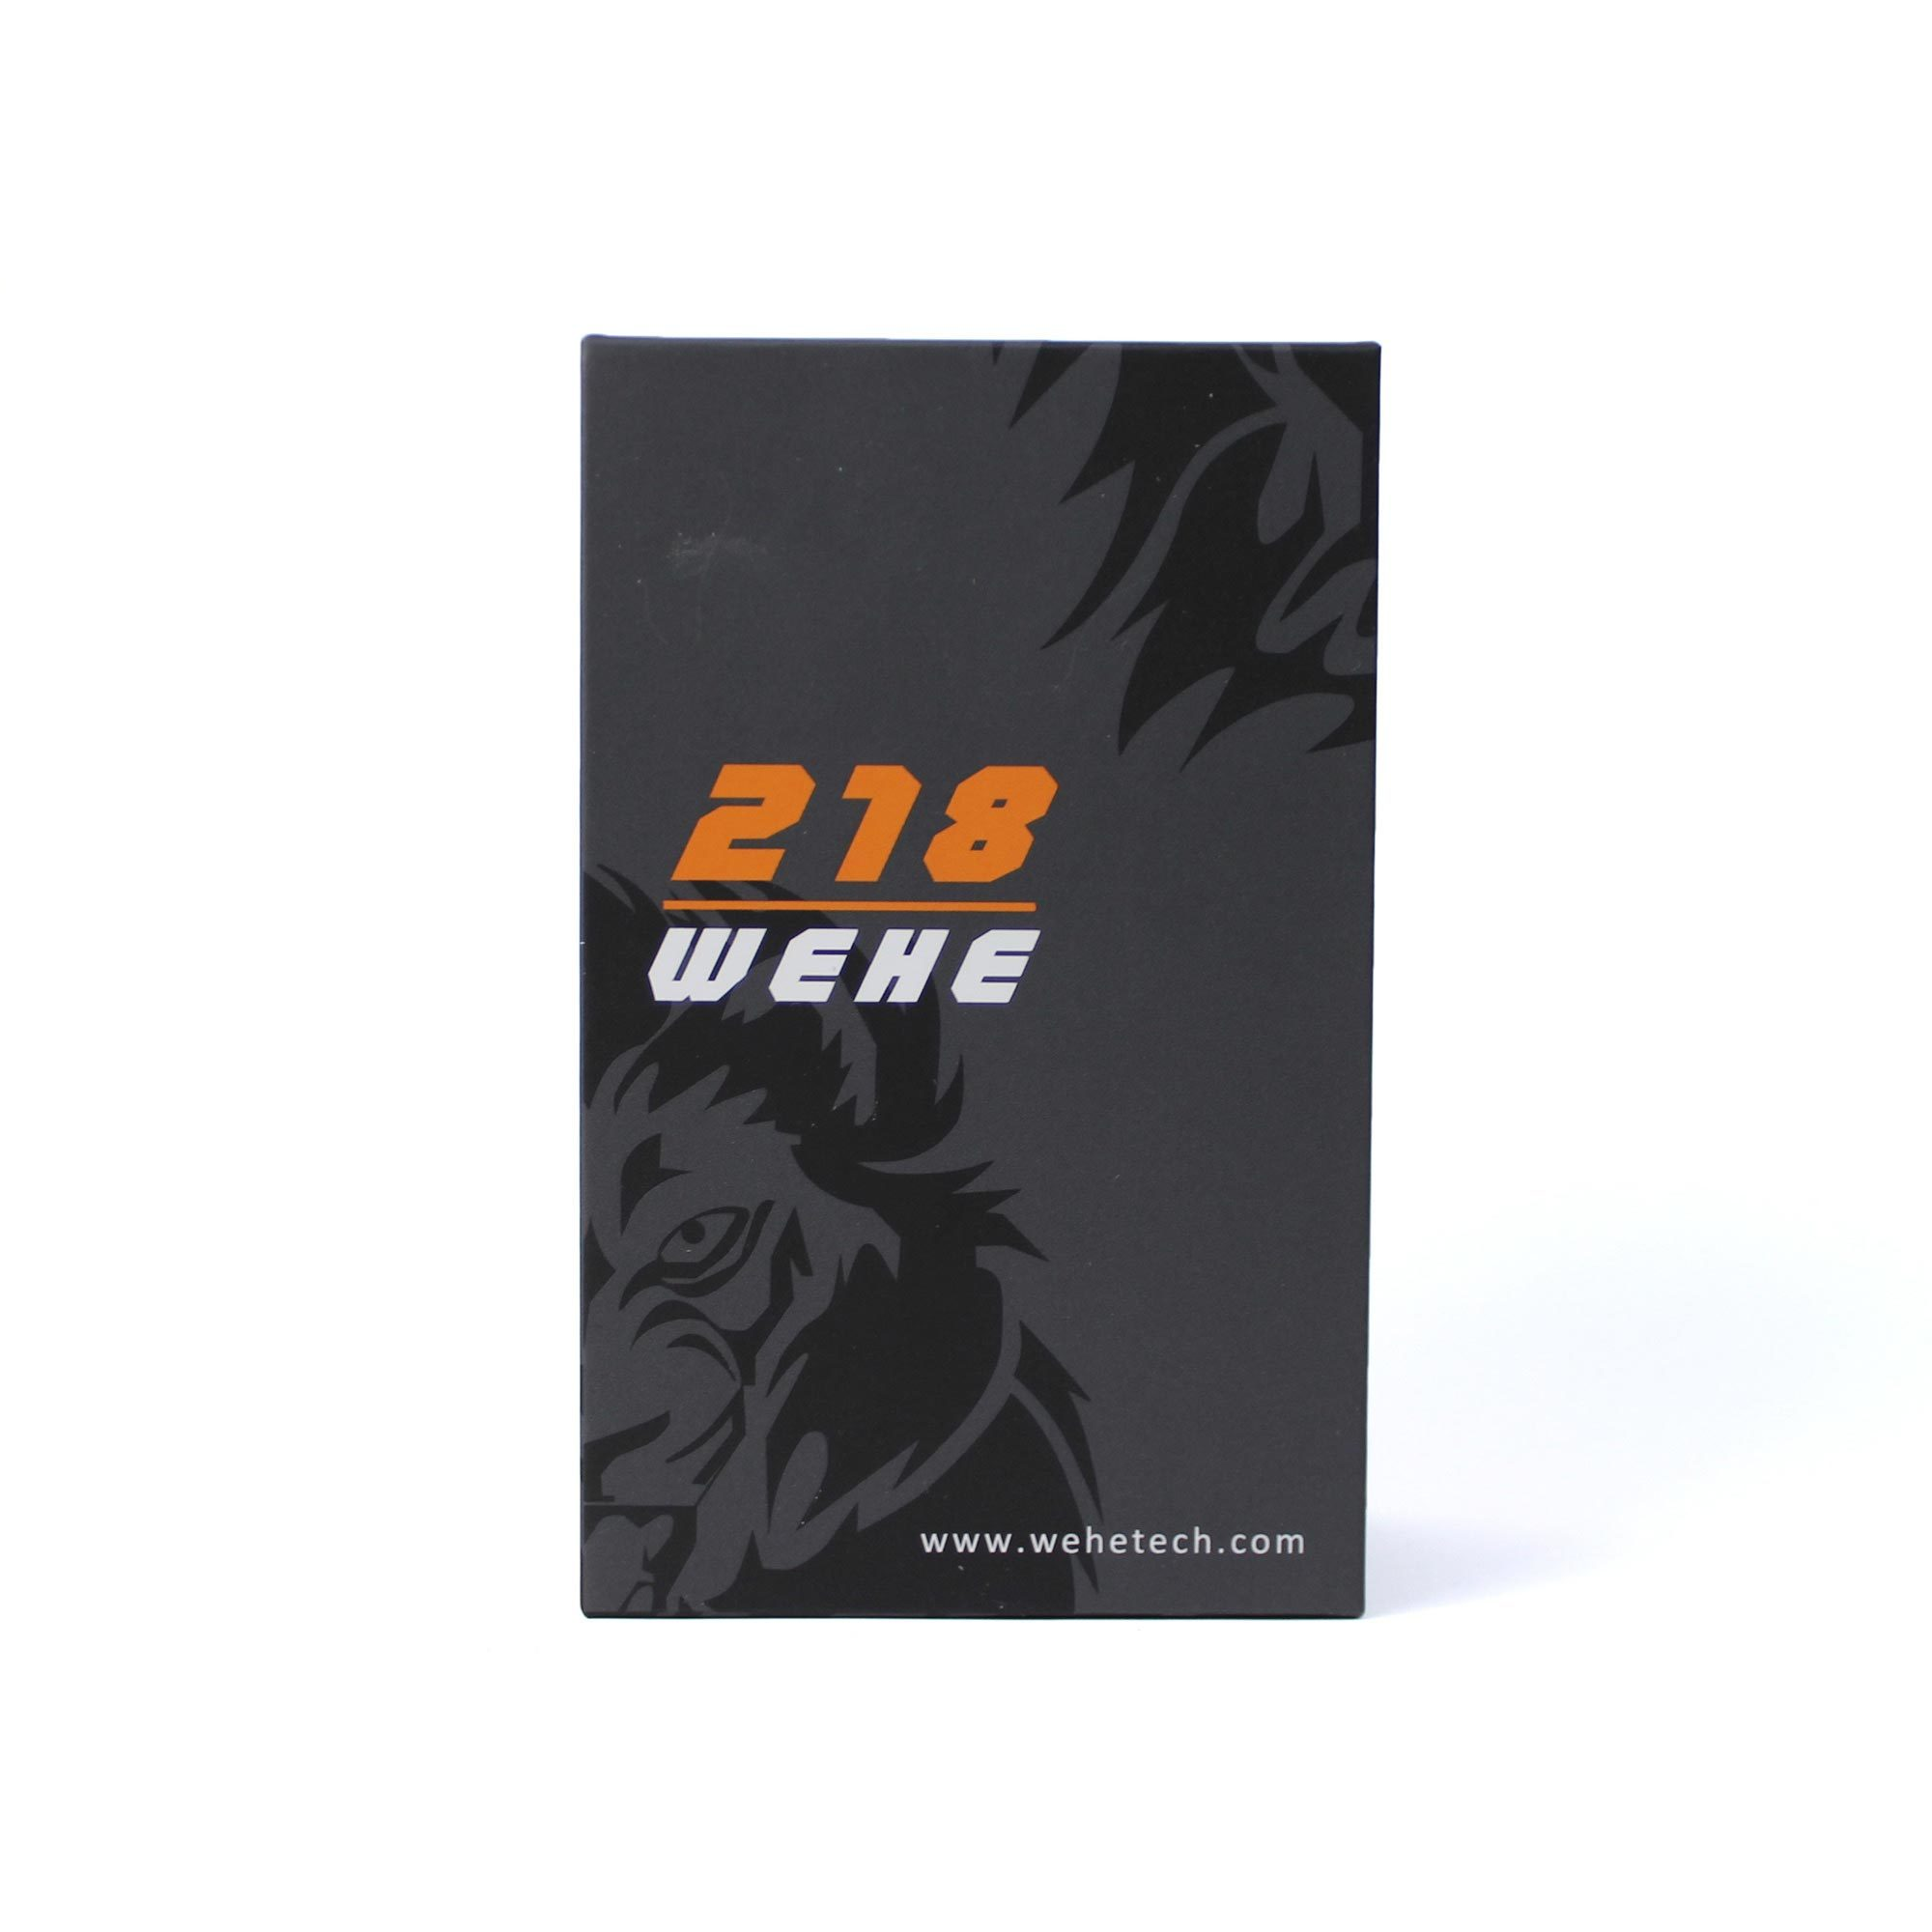 БОКСМОД WEHE 218 коробка